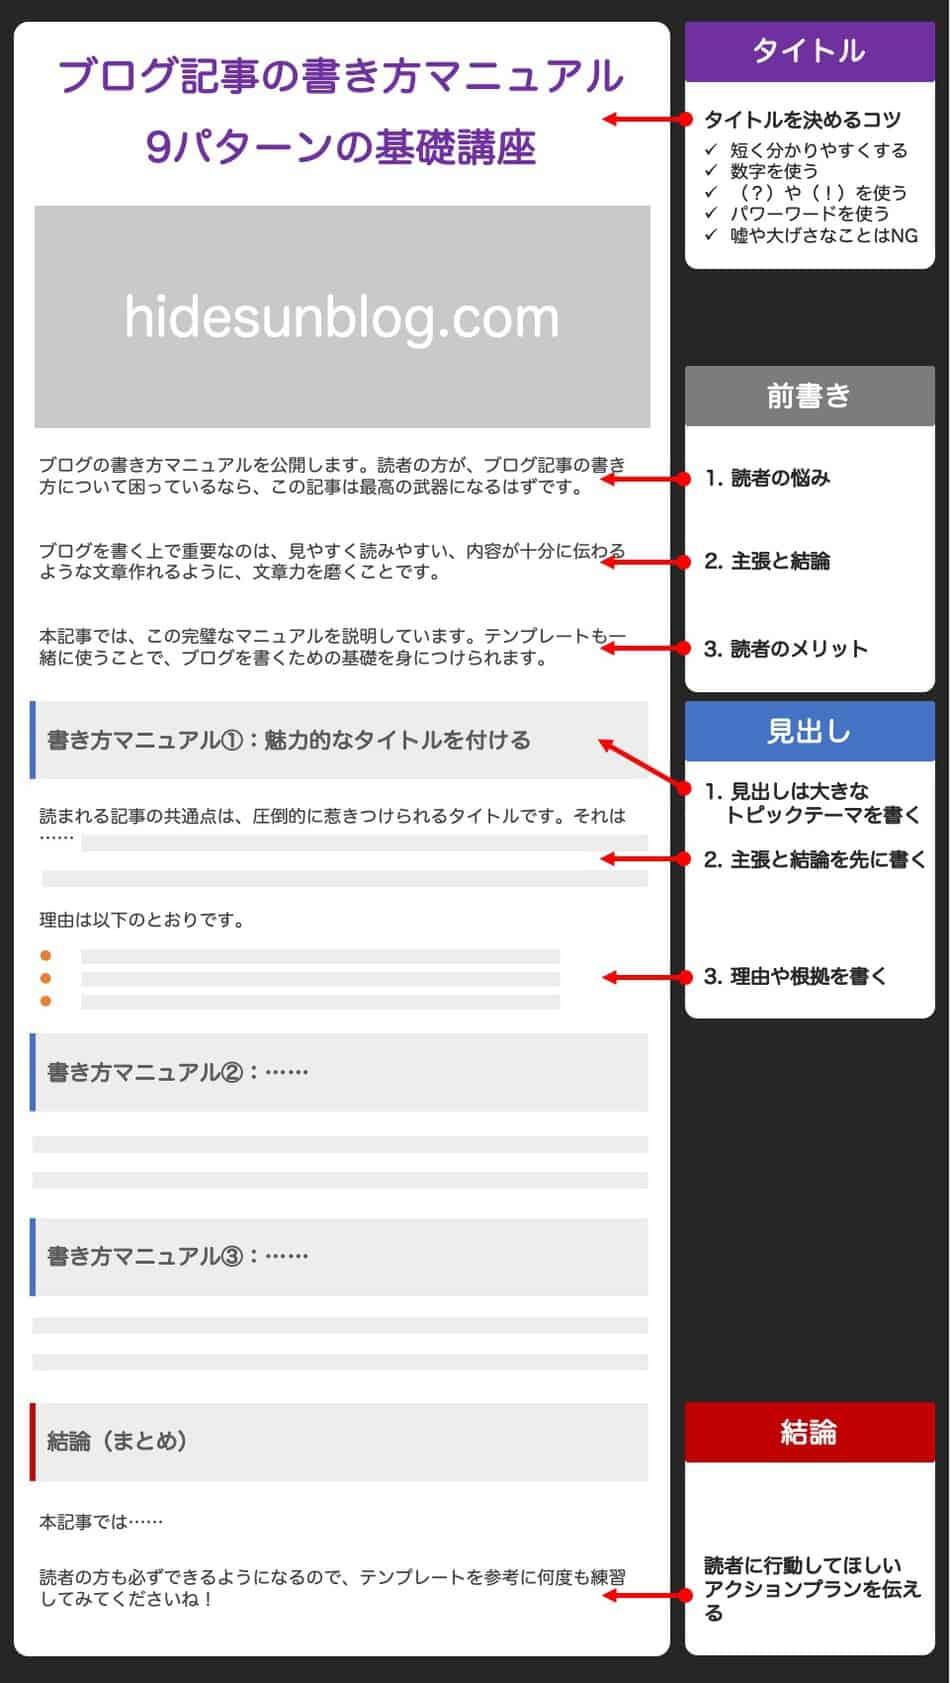 ブログの書き方マニュアル・テンプレート